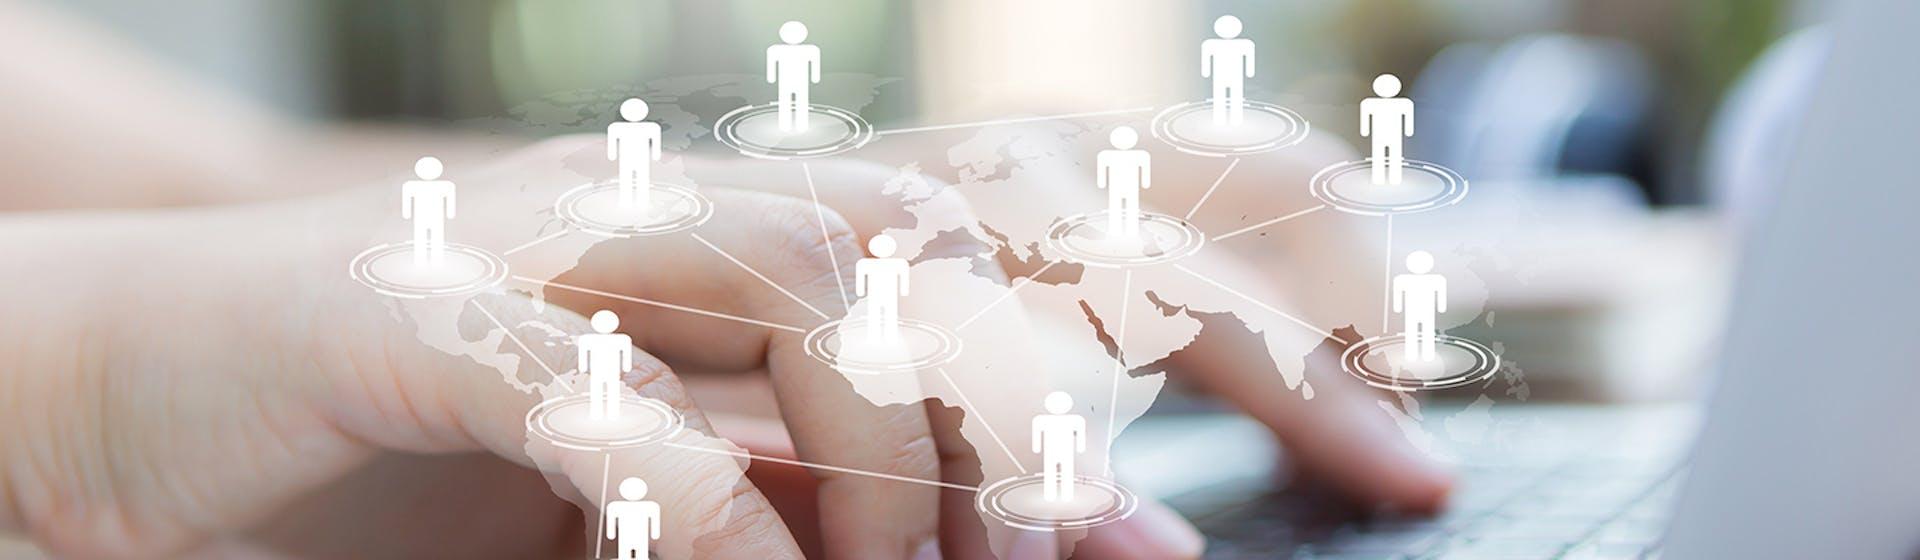 Conoce qué es una red LAN: la tecnología de conexión más directa y eficaz